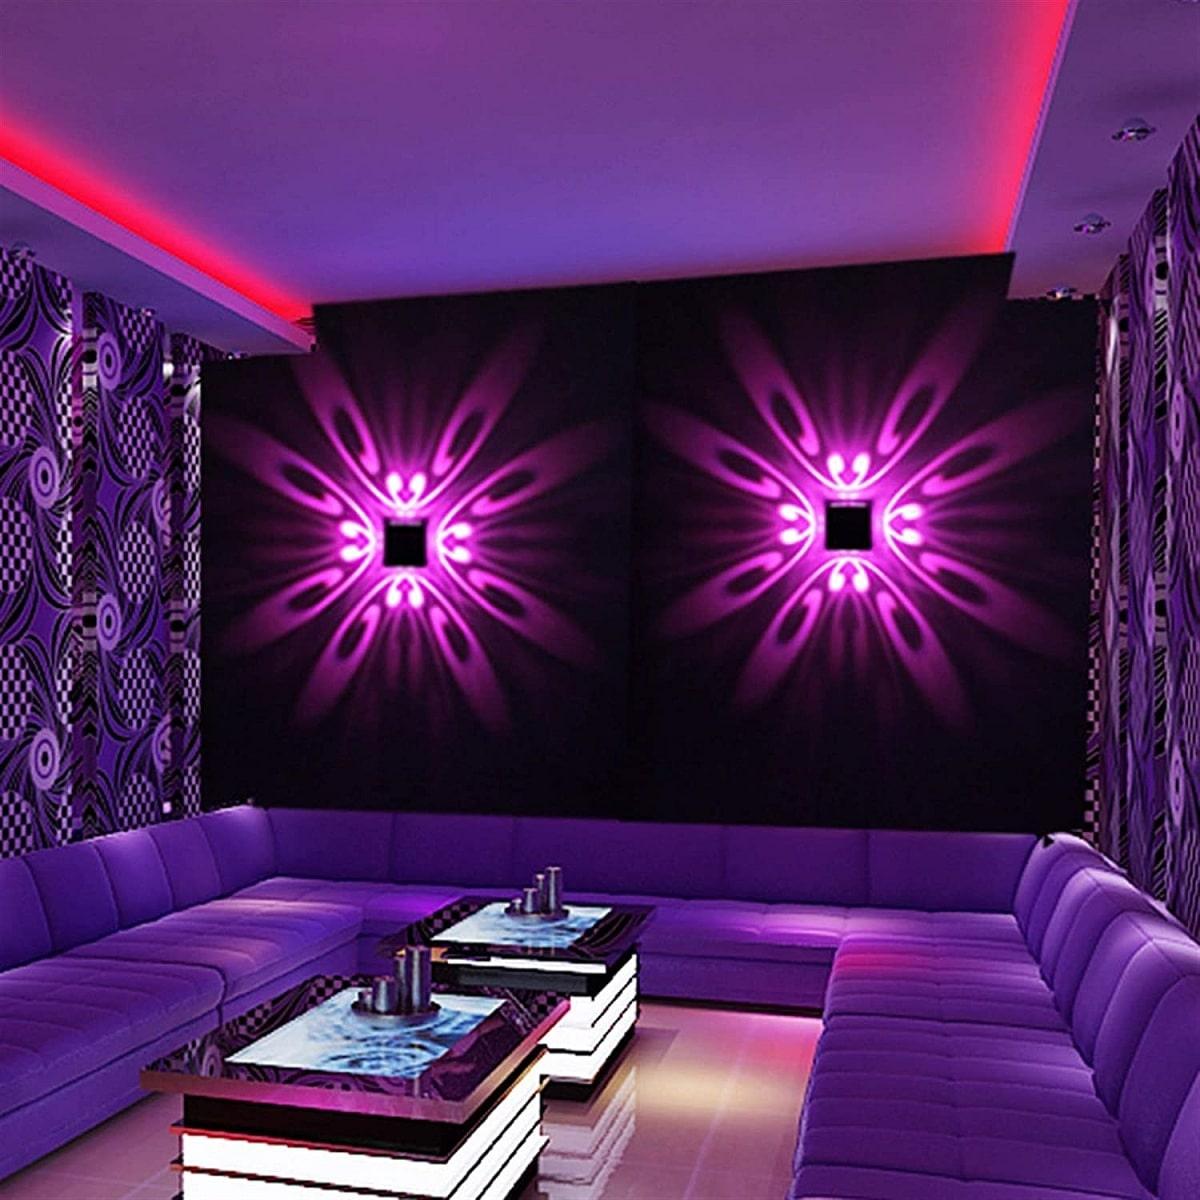 Thiết kế Nội Thất Phòng Karaoke Nổi Bật